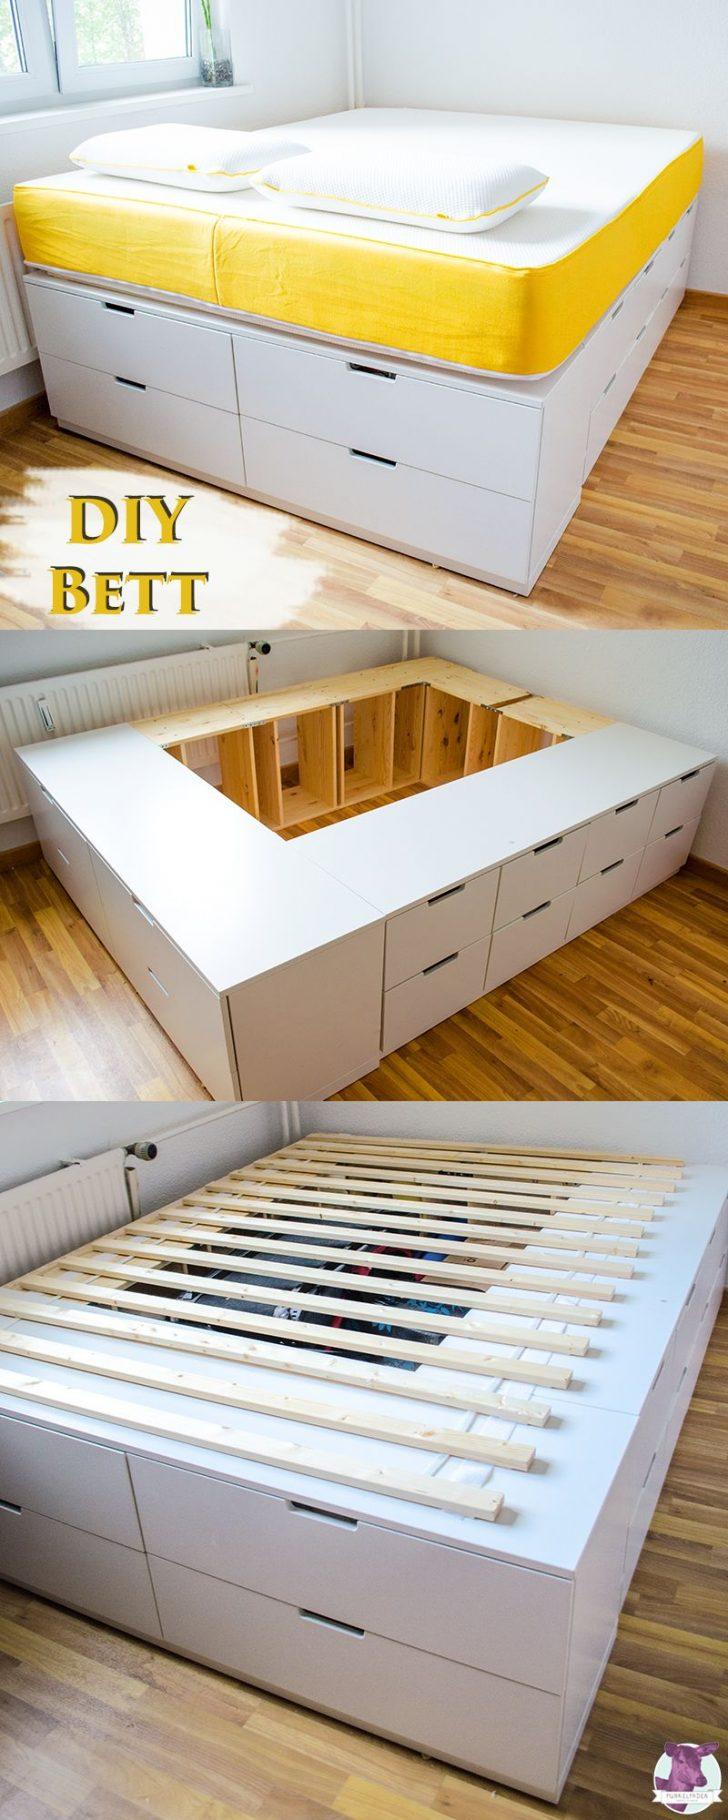 Medium Size of Betten Mit Stauraum Diy Ikea Hack Plattform Bett Selber Bauen Aus Kommoden 200x200 Bettkasten 140x200 Fenster Lüftung Jugend Matratze Und Lattenrost Möbel Bett Betten Mit Stauraum